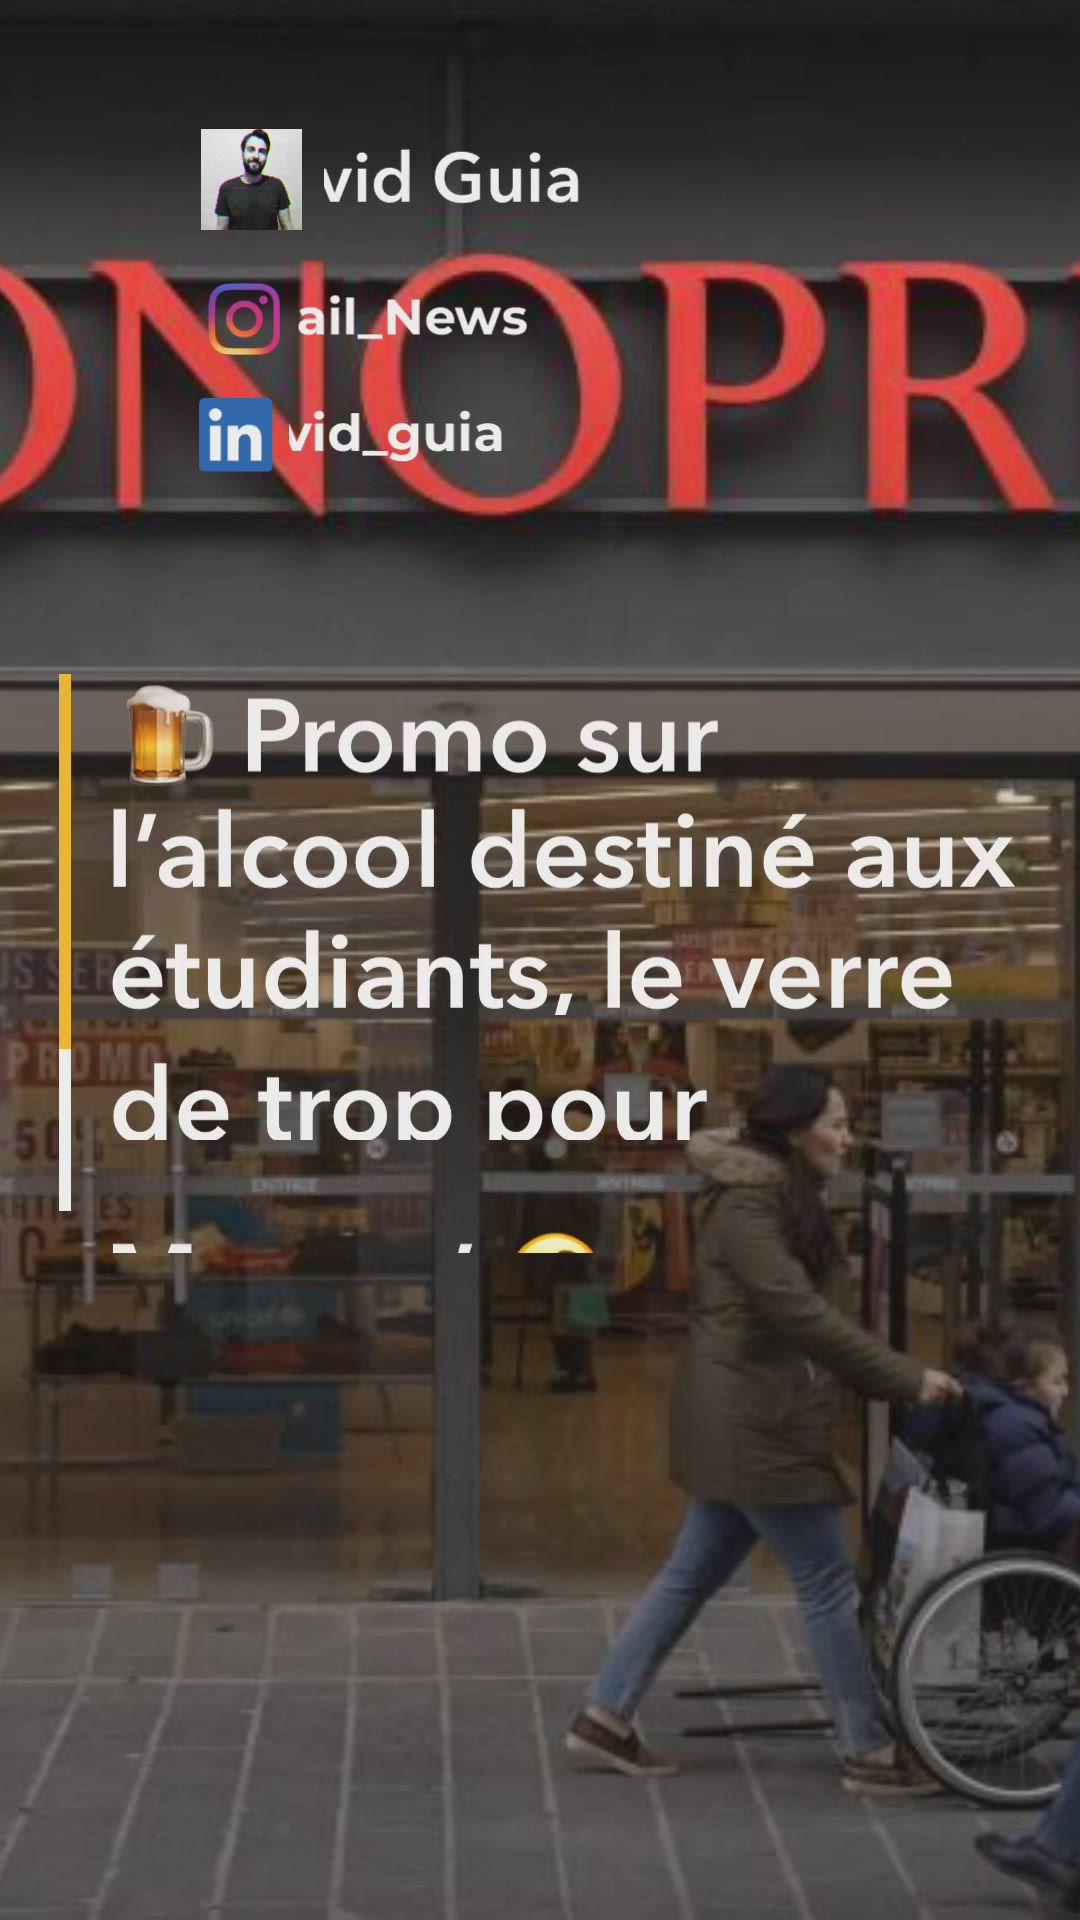 Groupe Schwarz Ou Groupe Lidl Suite A Un Classement Recent De Kantar Worldpanel J Ai Croise De N Curriculum Vitae Formation Professionnelle Lidl France